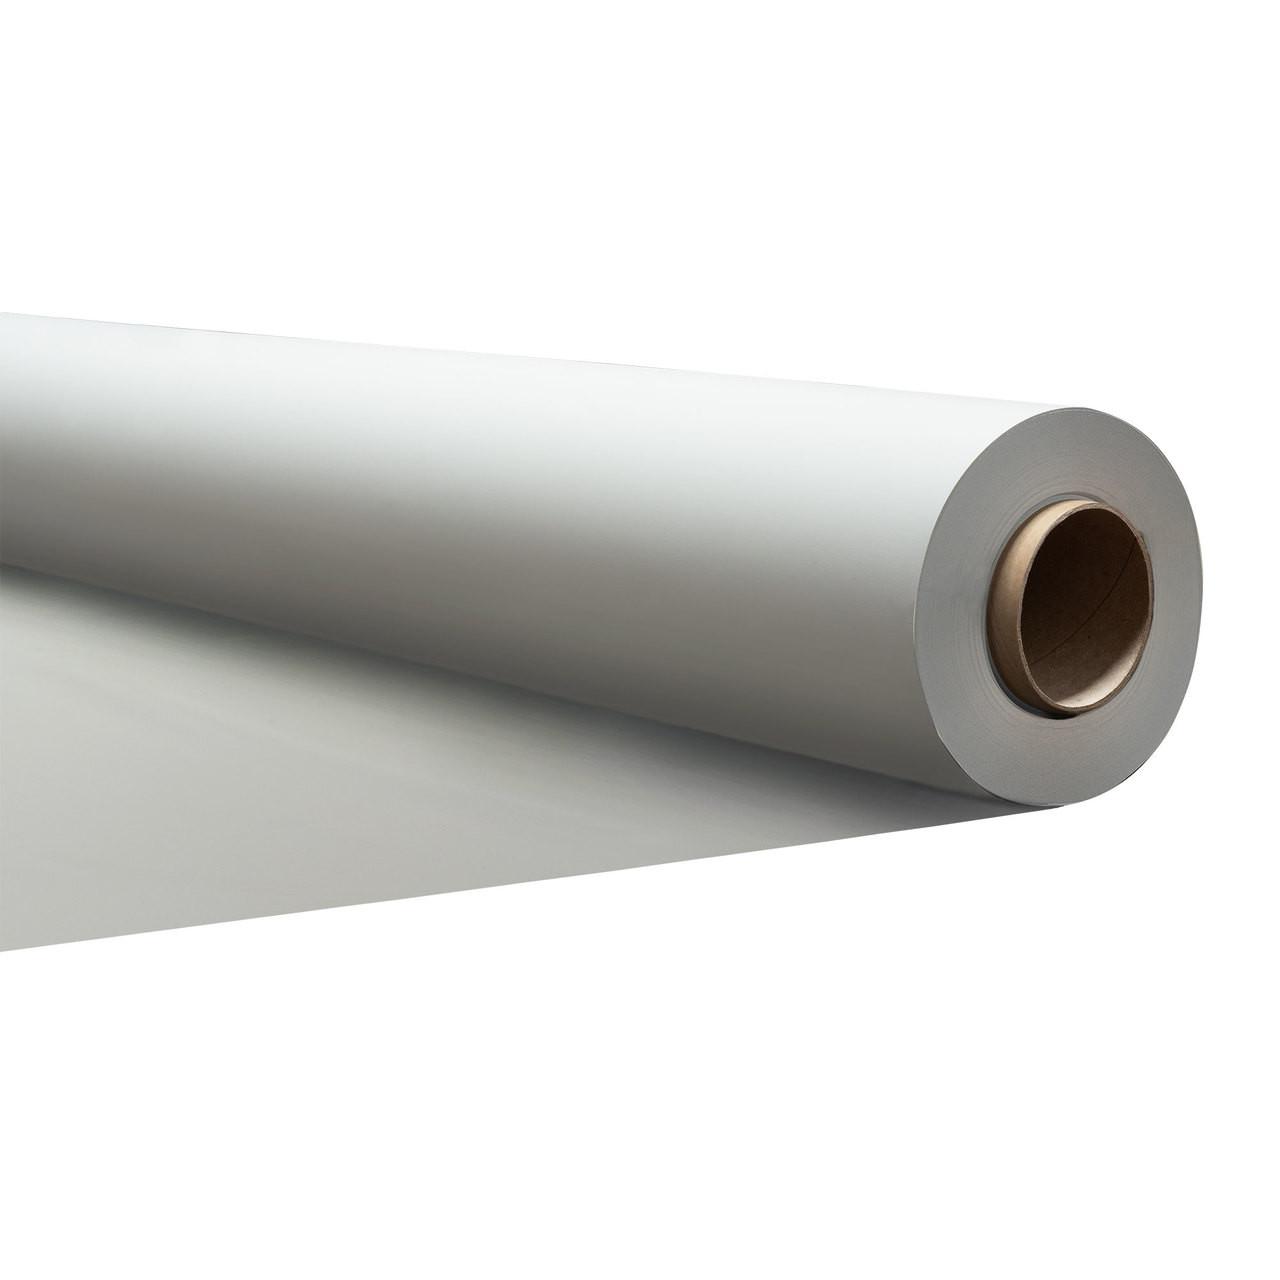 Class A Customs Sure-Flex PVC RV Rubber Roof Kit 9.5 X 30 Complete Kit